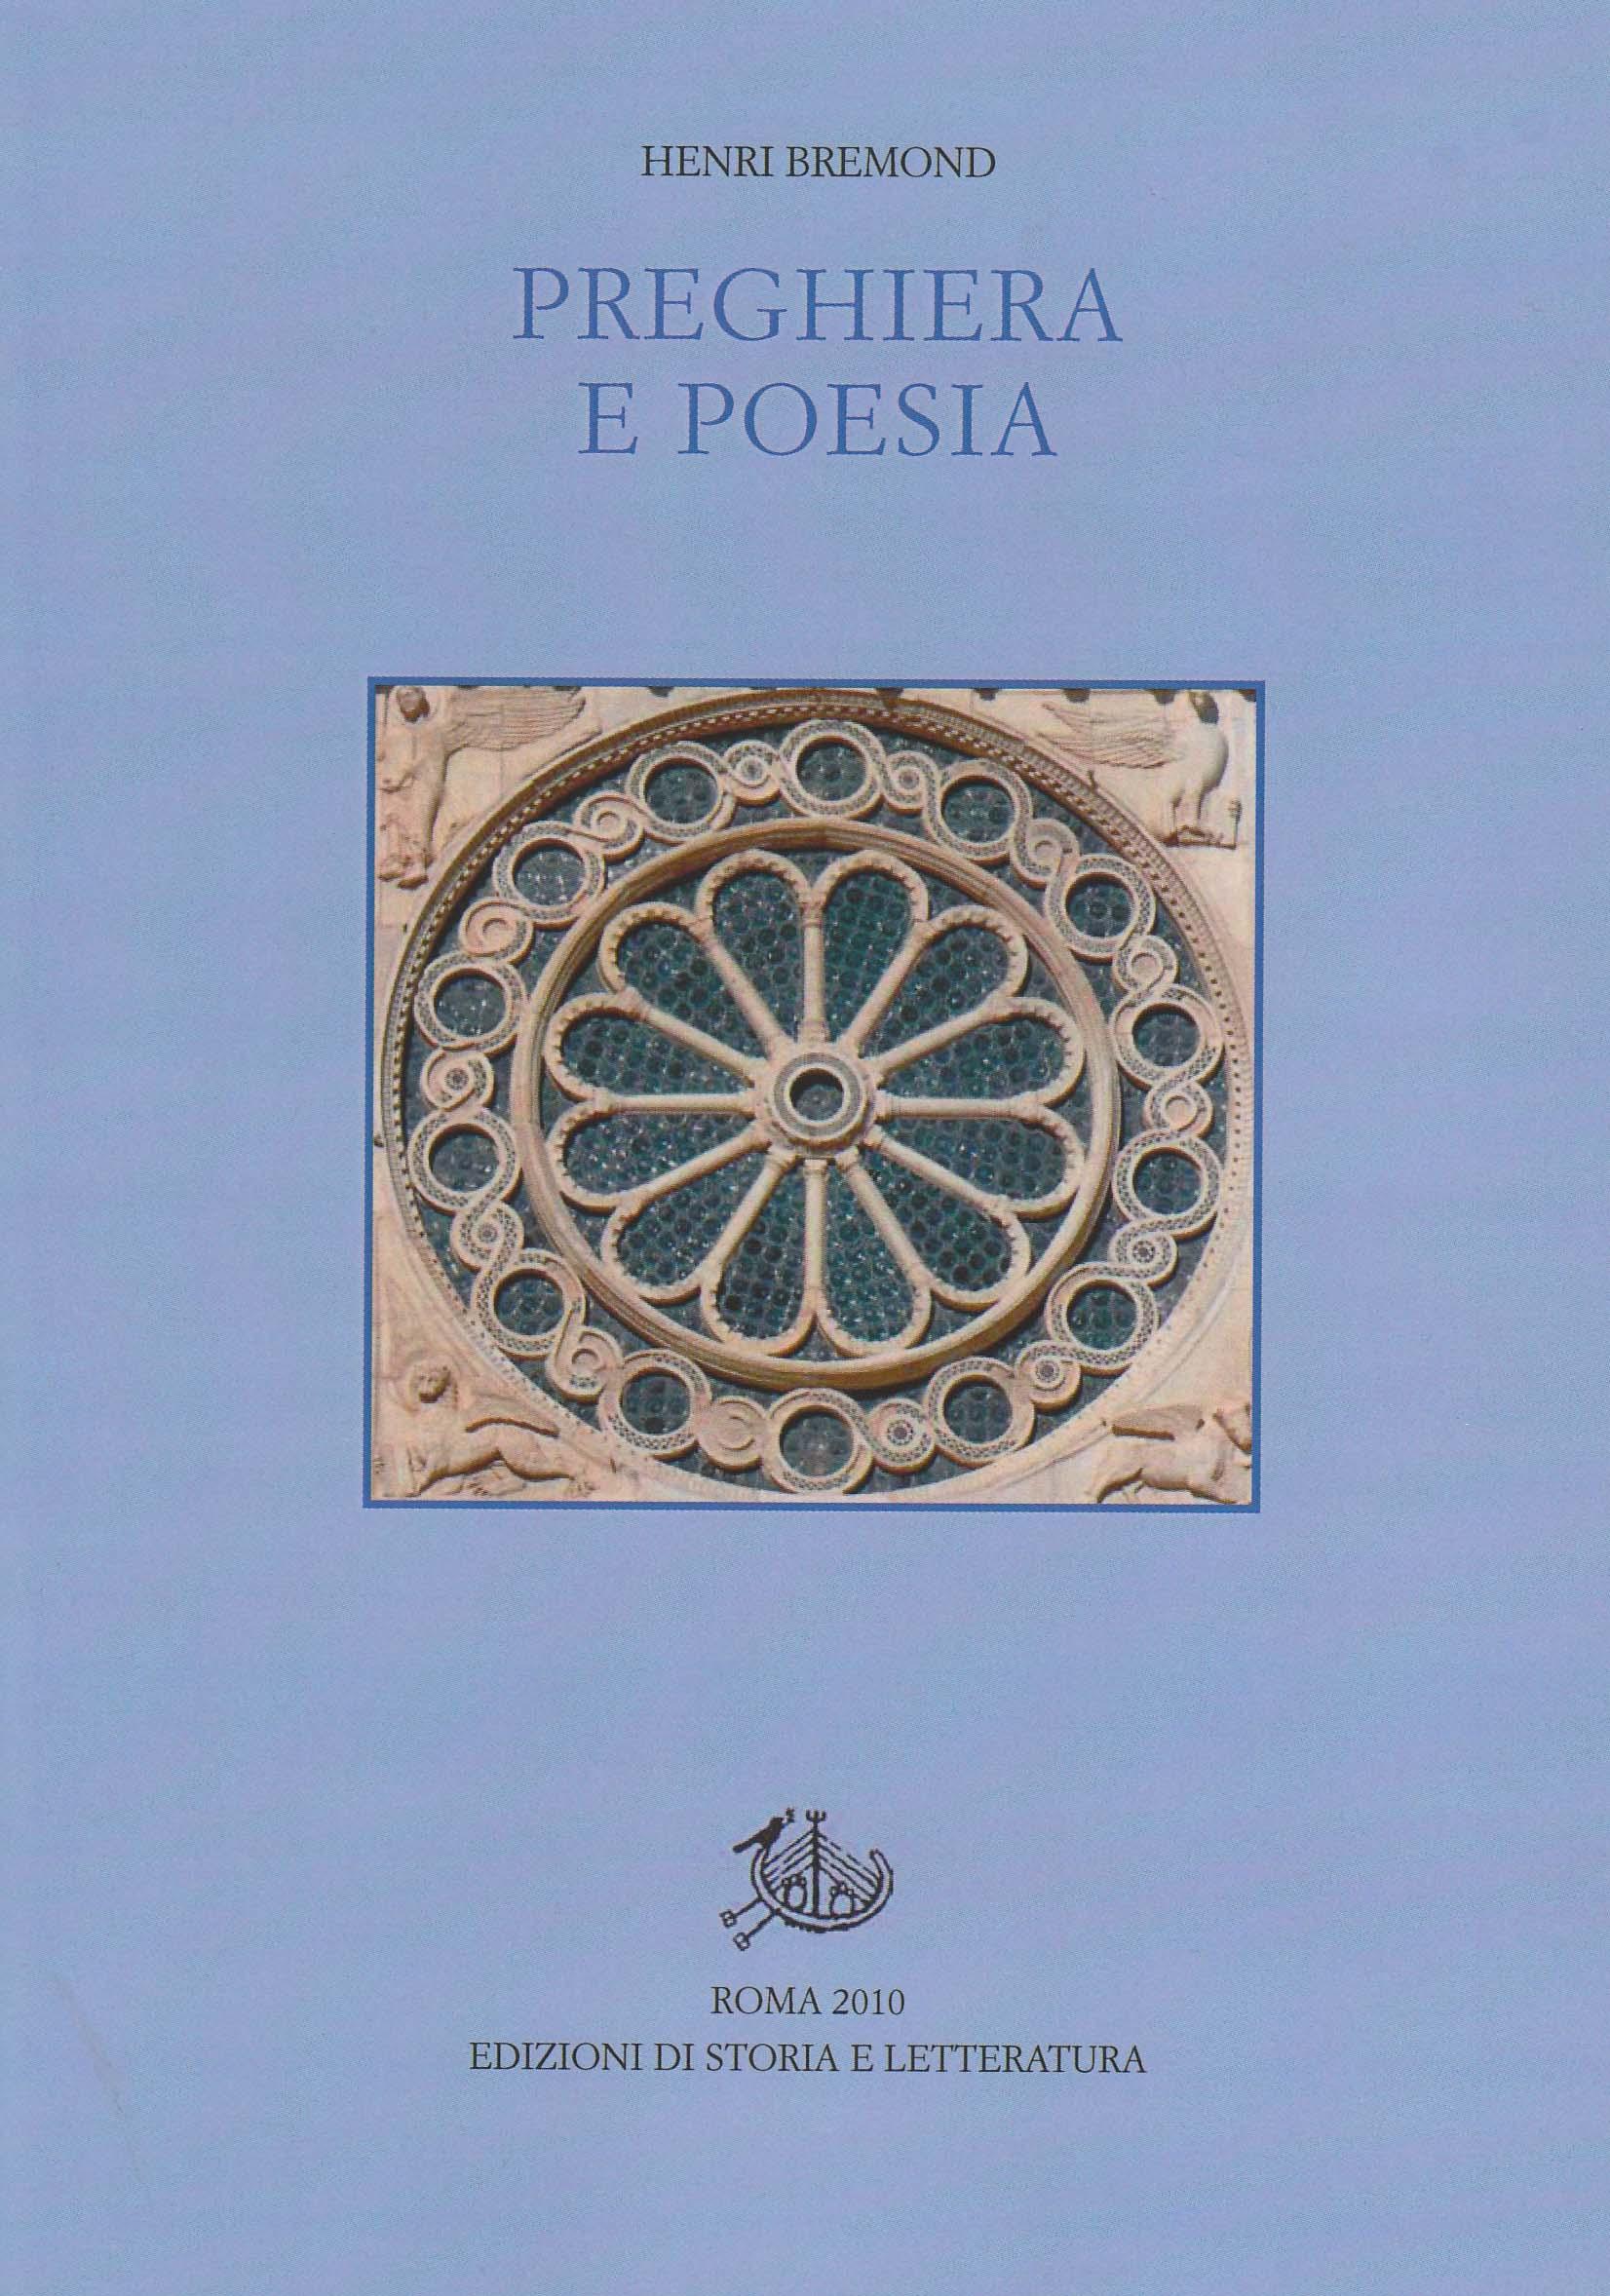 copertina di Preghiera e poesia